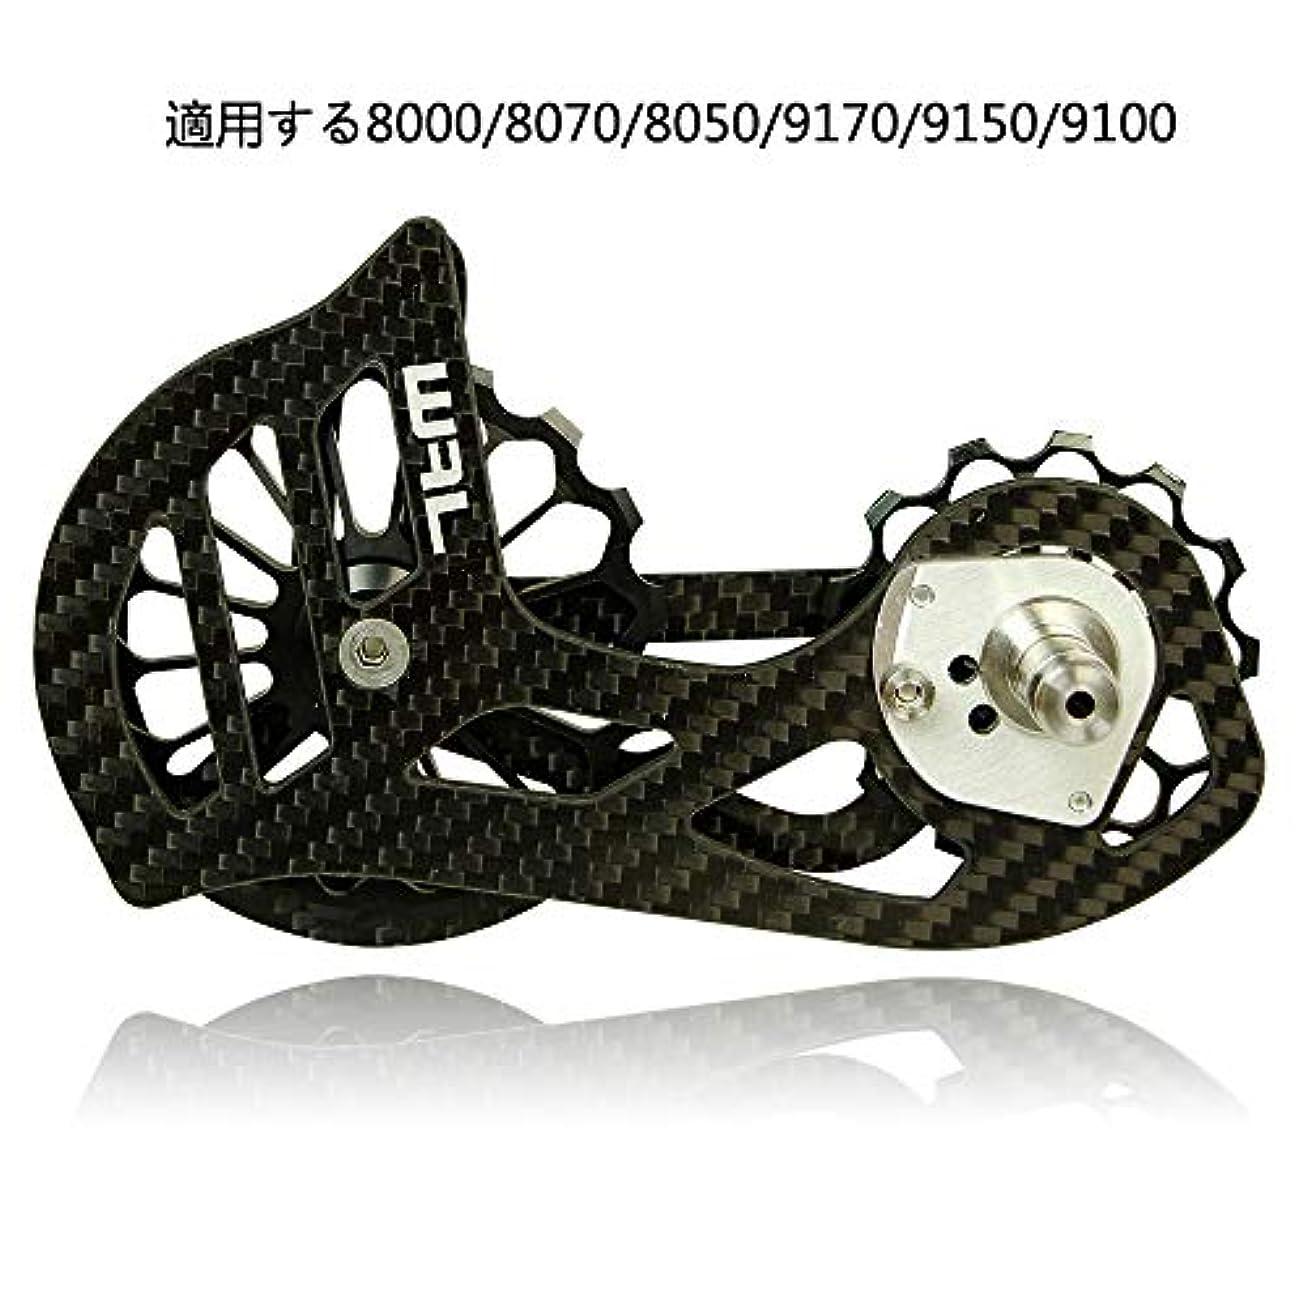 覚醒パウダー安全17T 自行车 ディレイラー リアディレイラー カーボンファイバーロード Shimano ティアグラ 系统用 (R8000-黑)